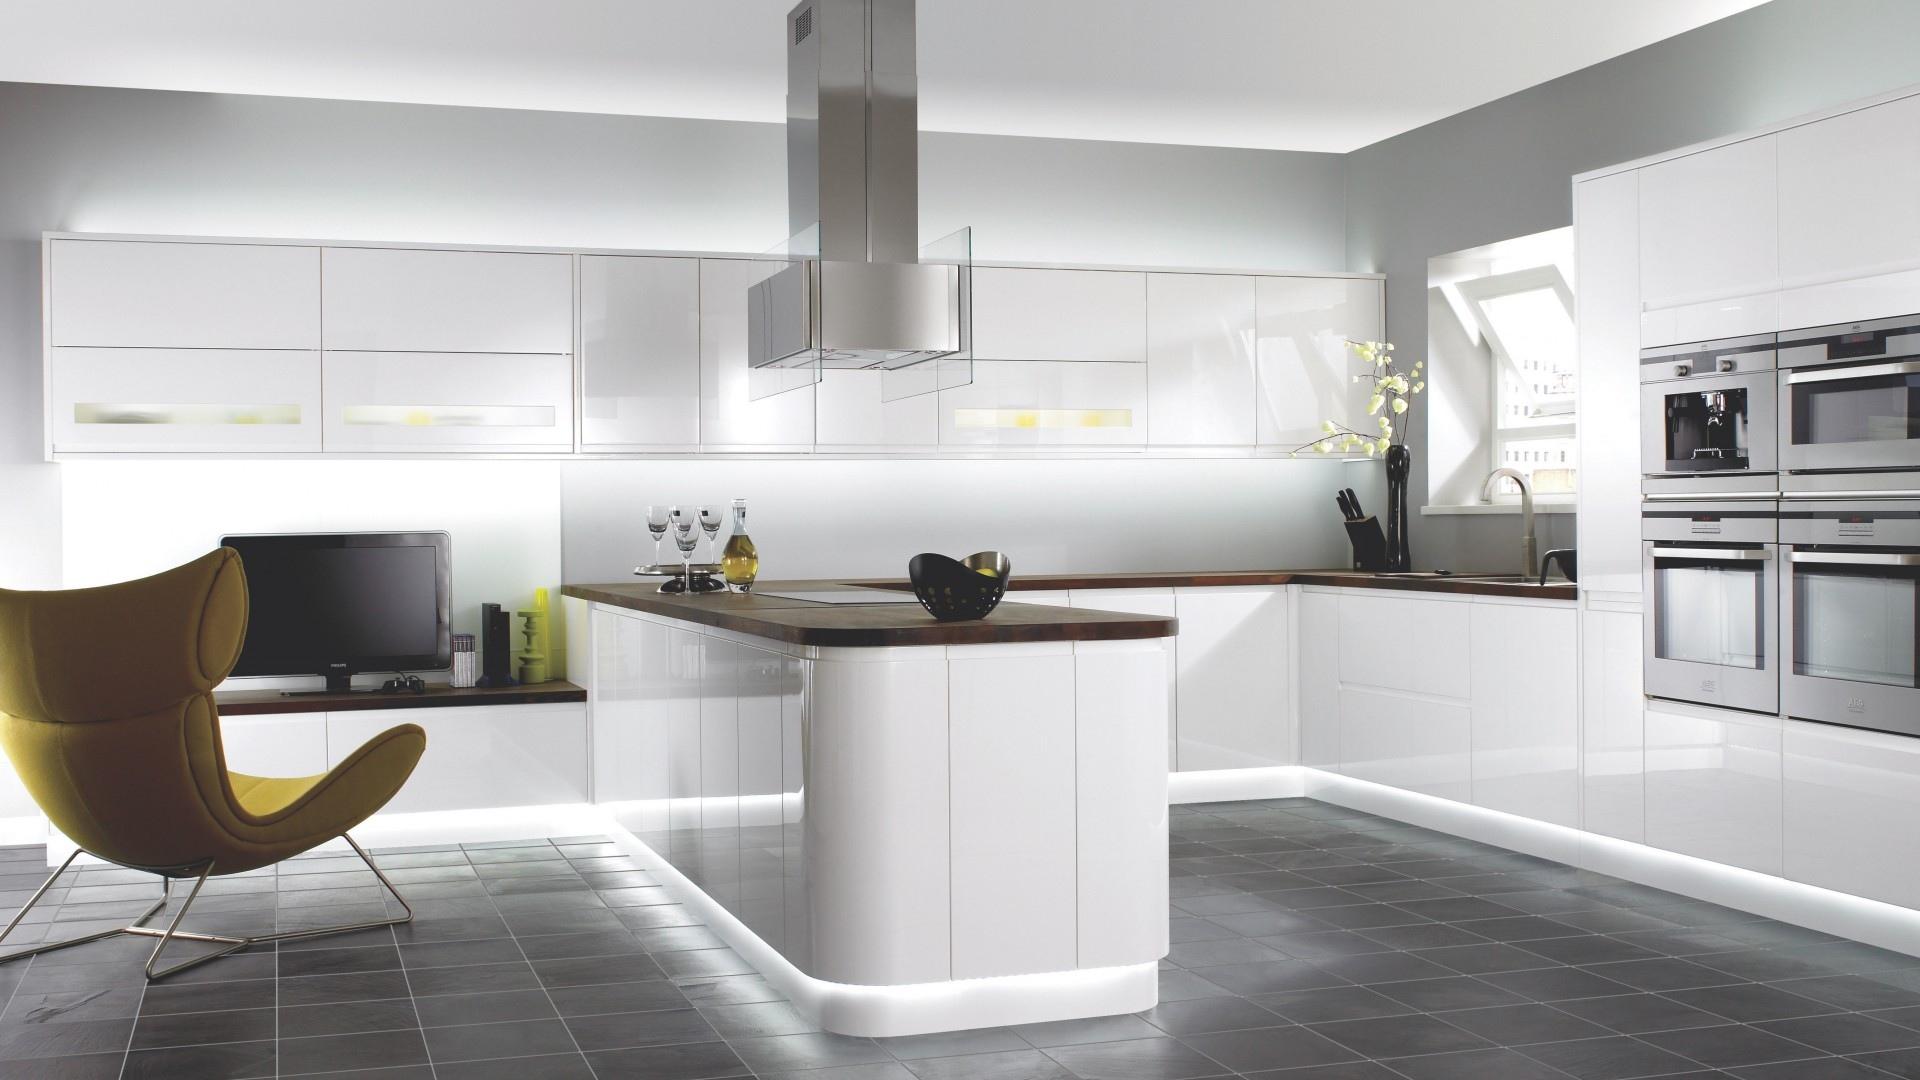 Fond d 39 cran chambre int rieur cuisine design d for Sol maison design